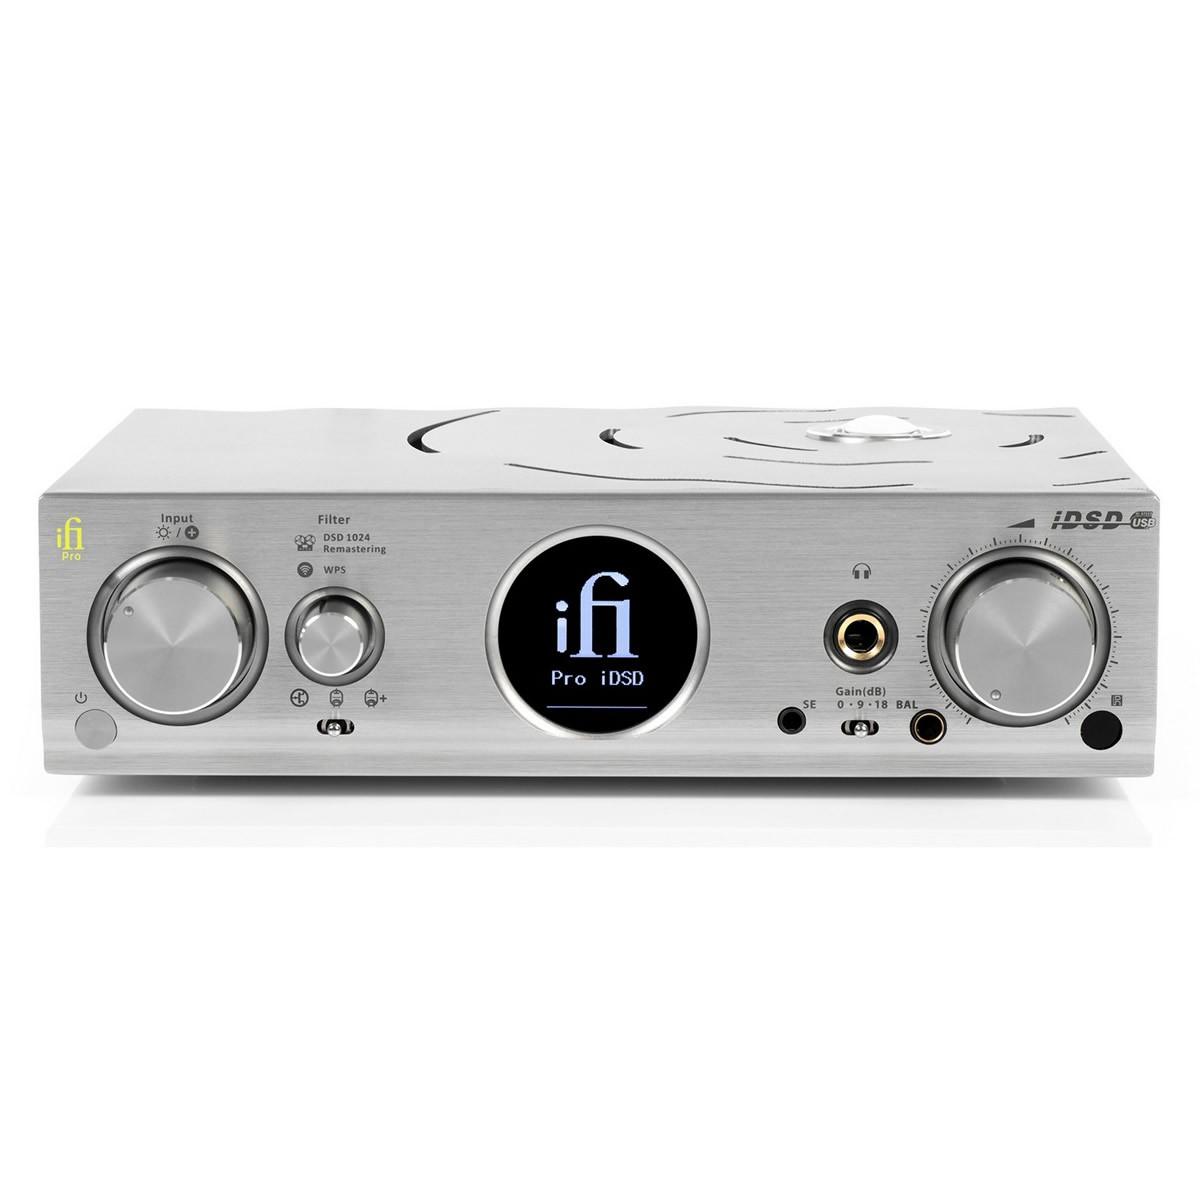 IFI AUDIO PRO iDSD V2 DAC BitPerfect 4x Burr Brown 32bit 768kHz DSD1024 Symétrique